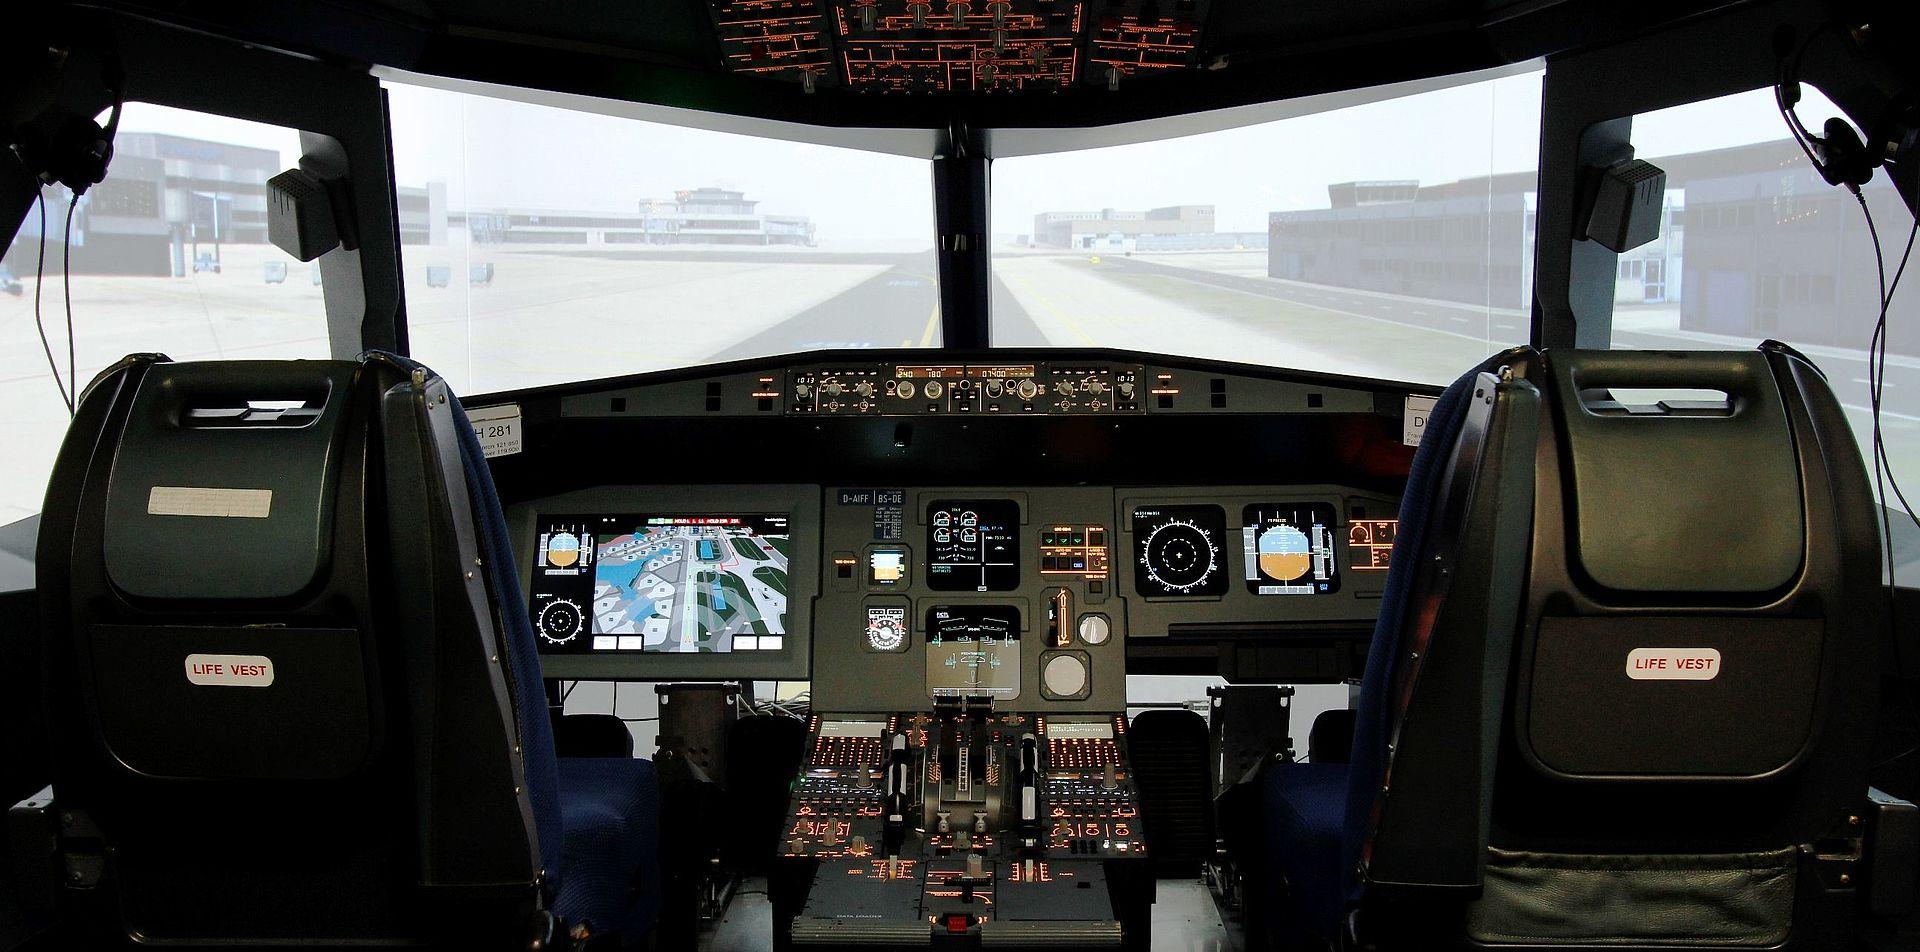 Flight Simulator IFF